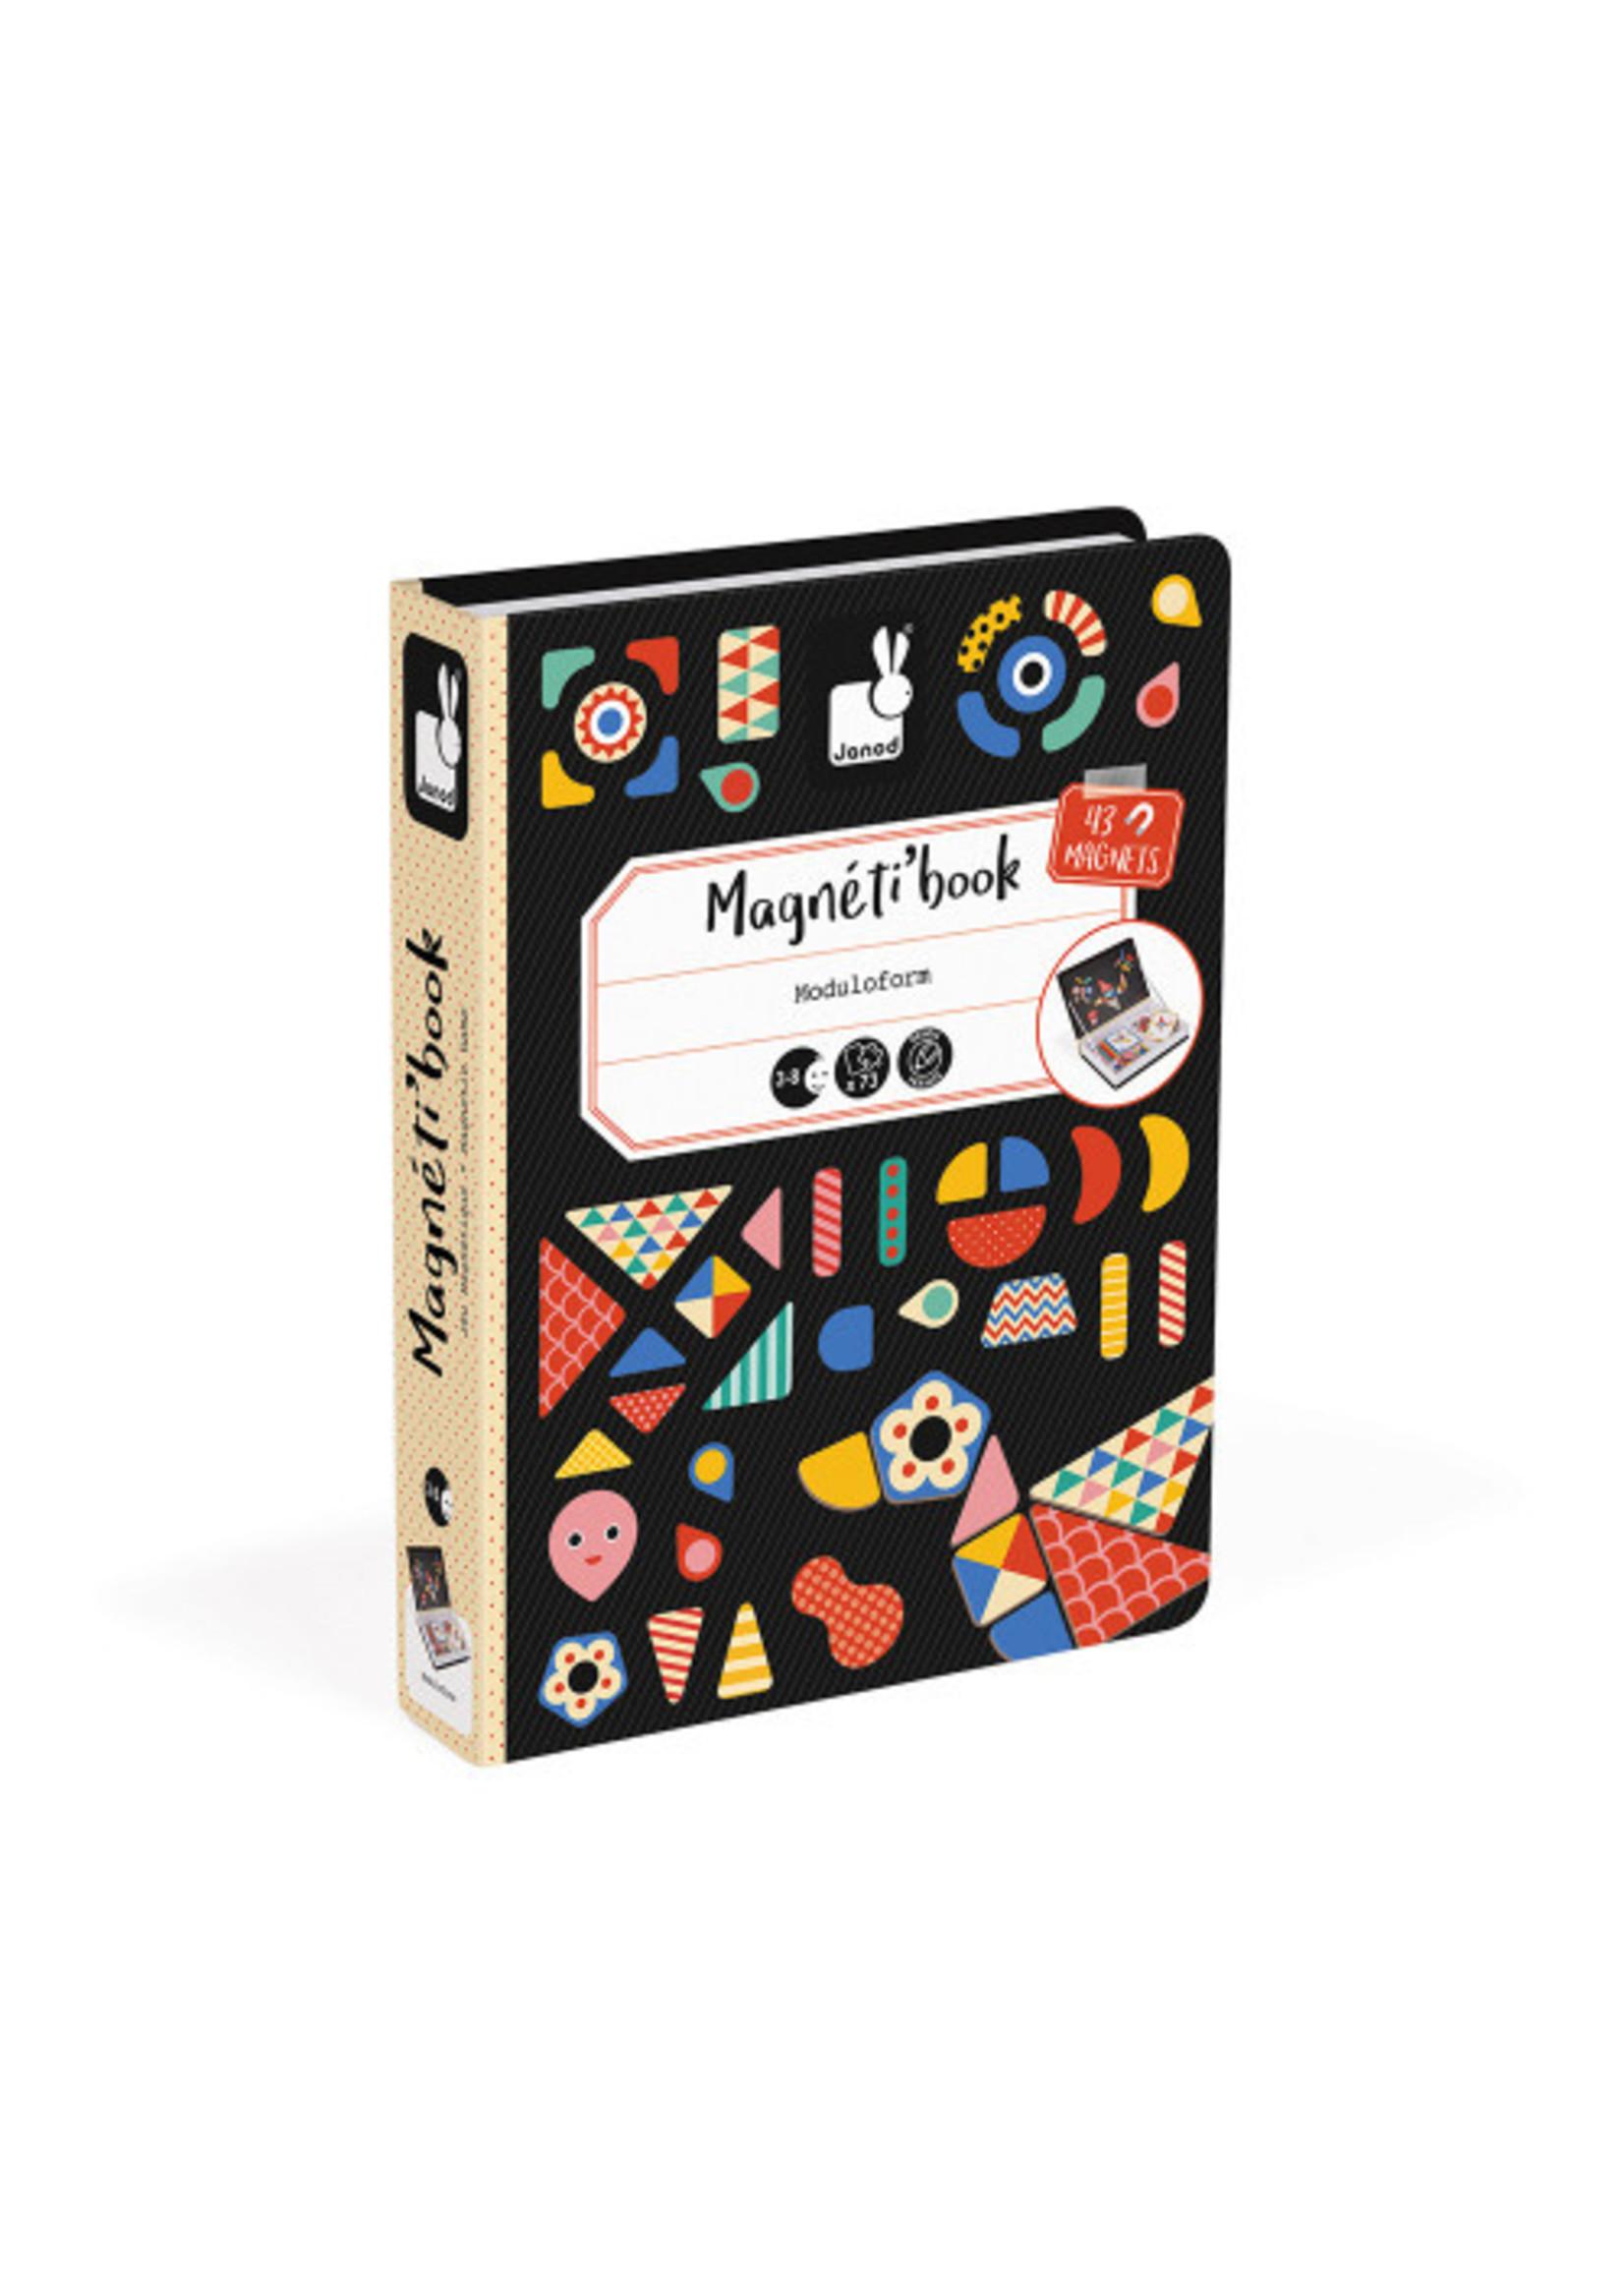 Janod Magnéti'book - Moduloform